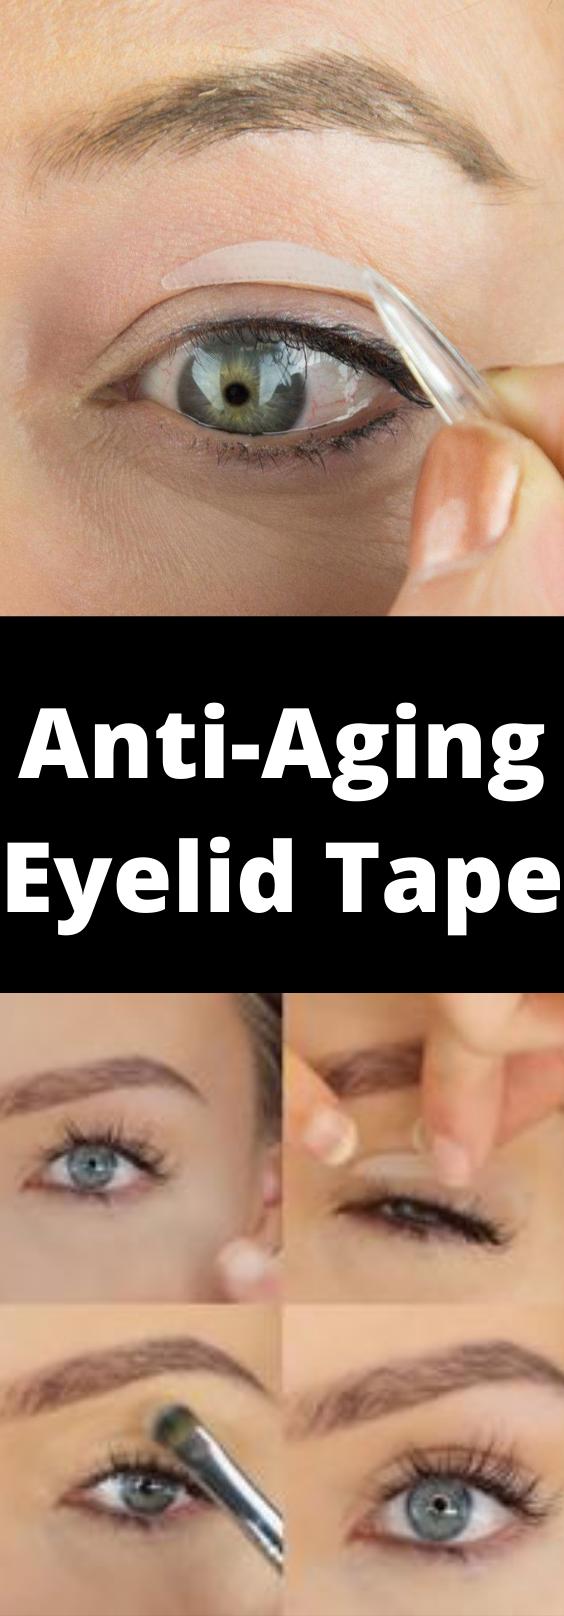 Anti-Aging Eyelid Tape   Eyelid tape Anti aging Eye lift